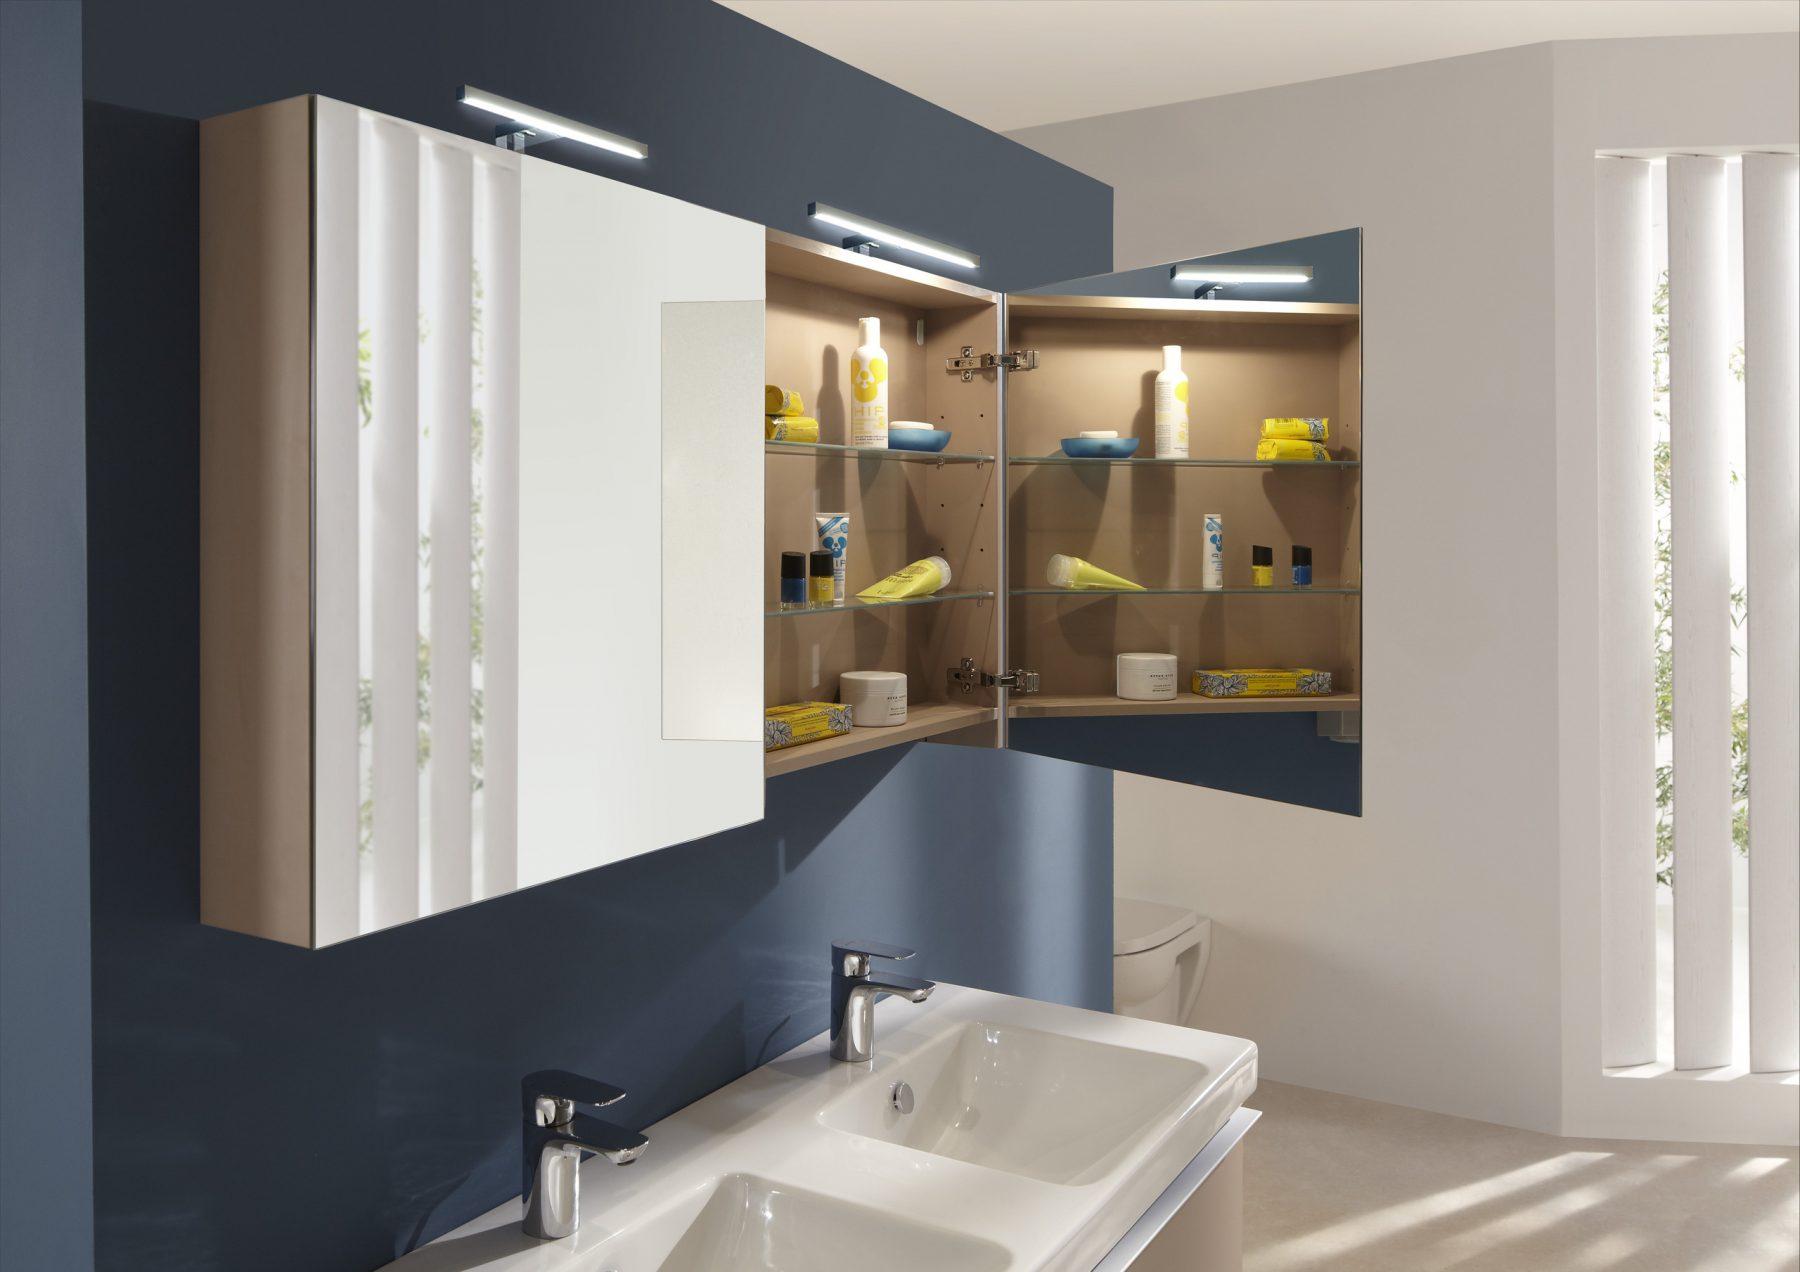 les armoires miroirs classiques dans la salle de bains. Black Bedroom Furniture Sets. Home Design Ideas